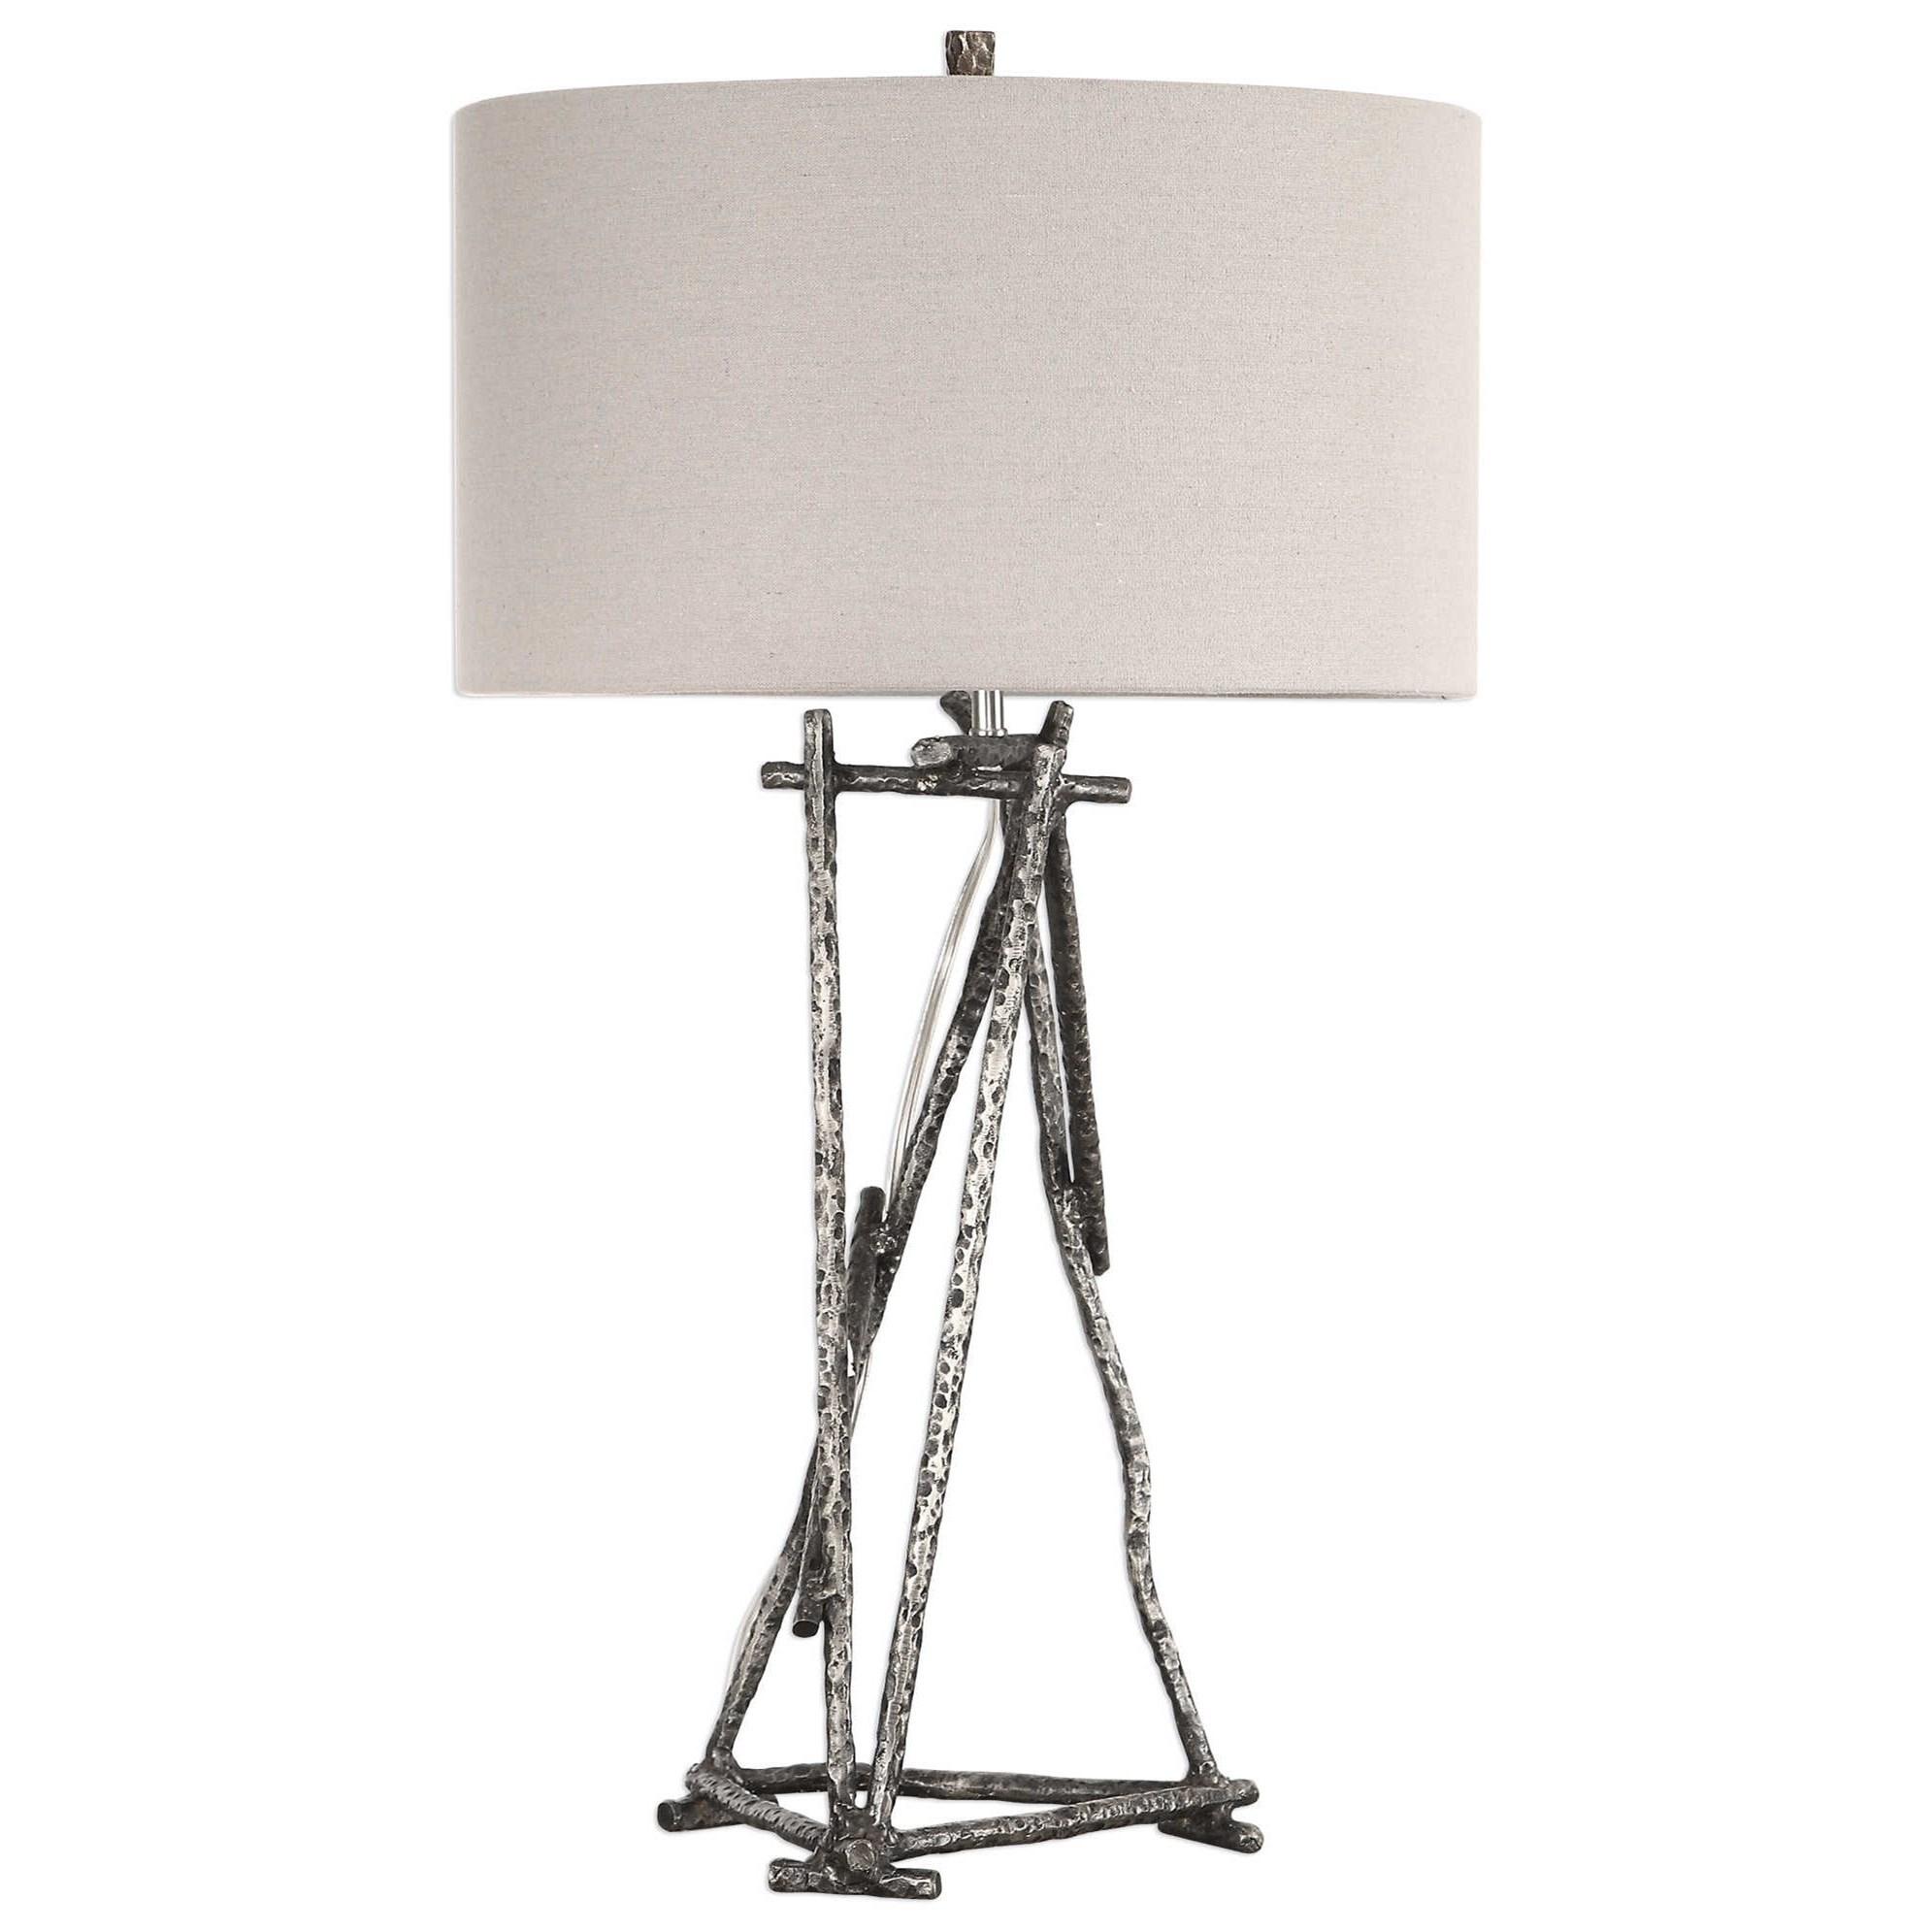 Lakota Brushed Nickel Lamp